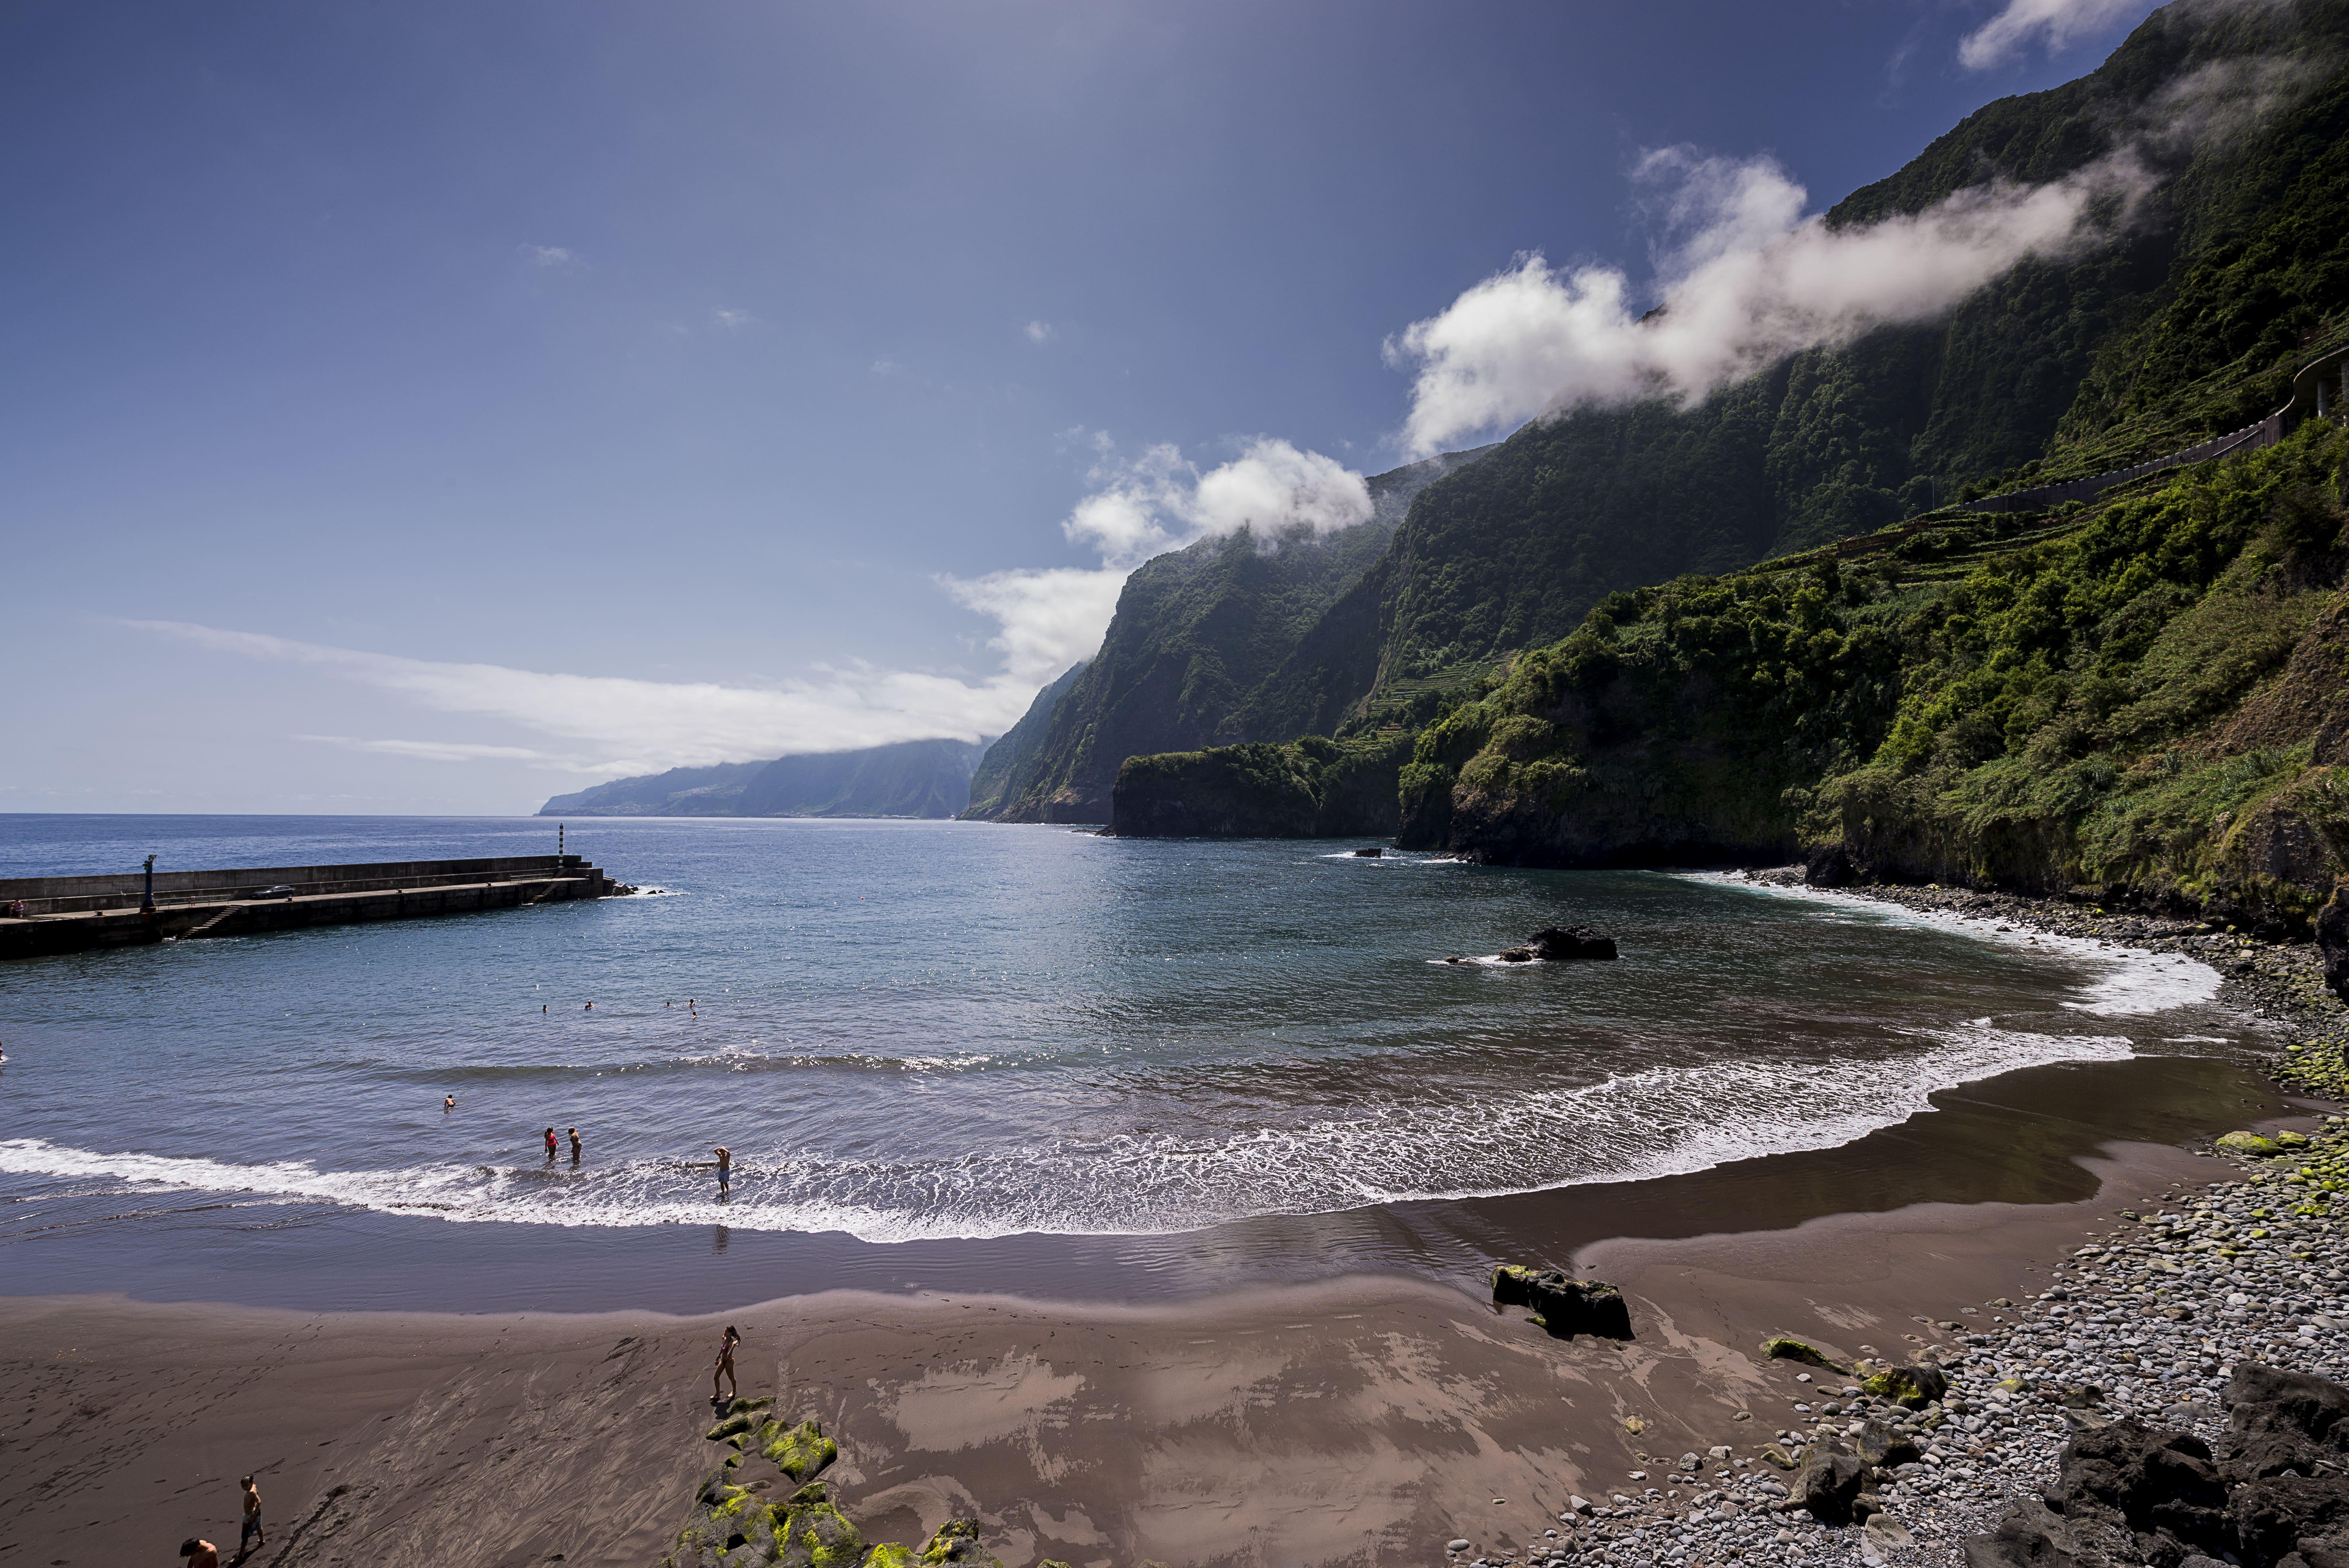 Карон пляж наводнение фото машина